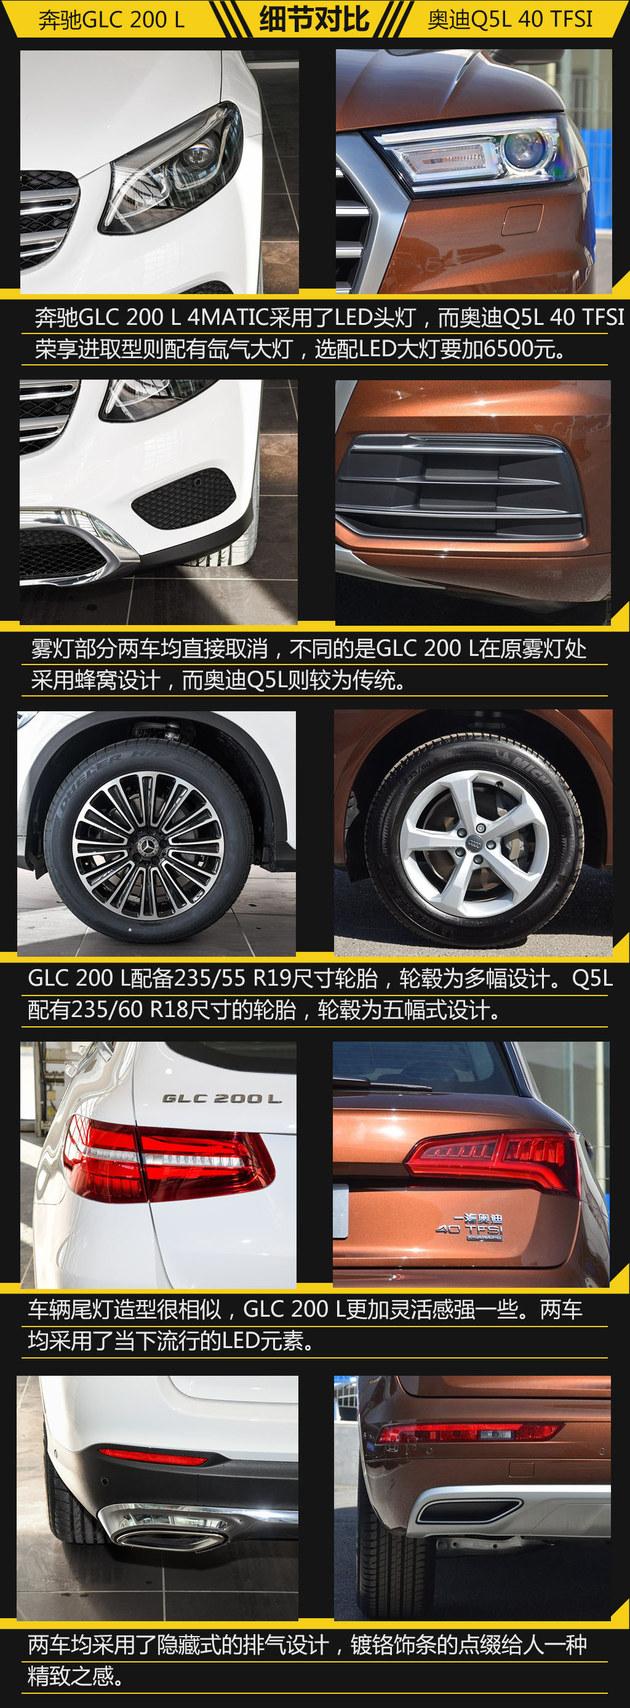 奔驰GLC 200 L过招奥迪Q5L 谁是同级王者